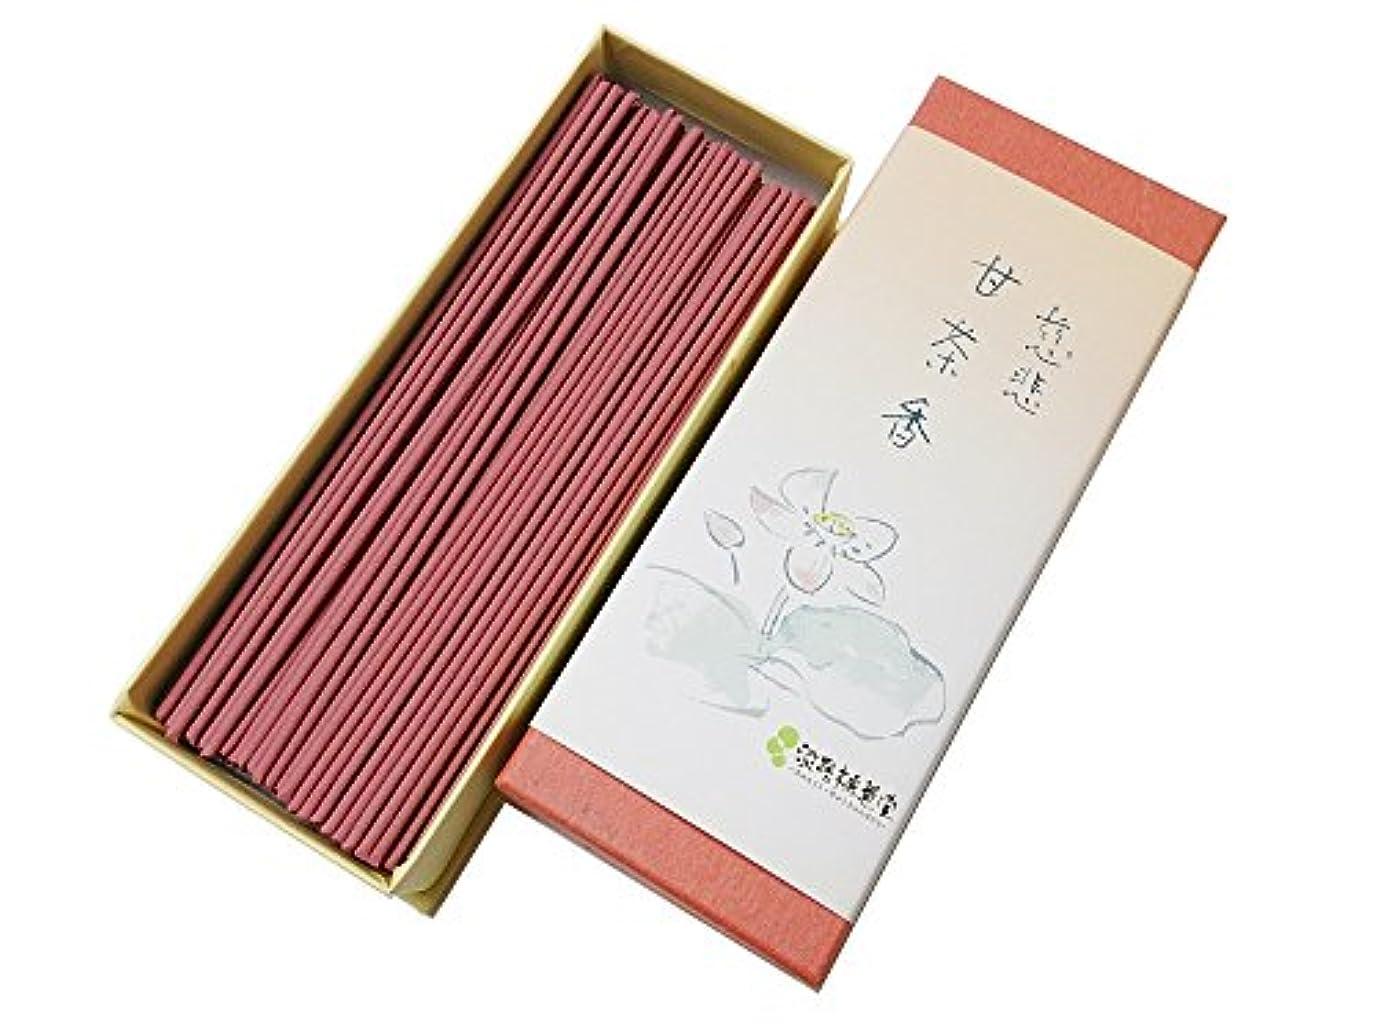 セメントソース蜜淡路梅薫堂のお線香 慈悲甘茶香 50g FBA amazon prime お香スティック 香りの良い御線香 いい香り いい匂い 高級線香 #24